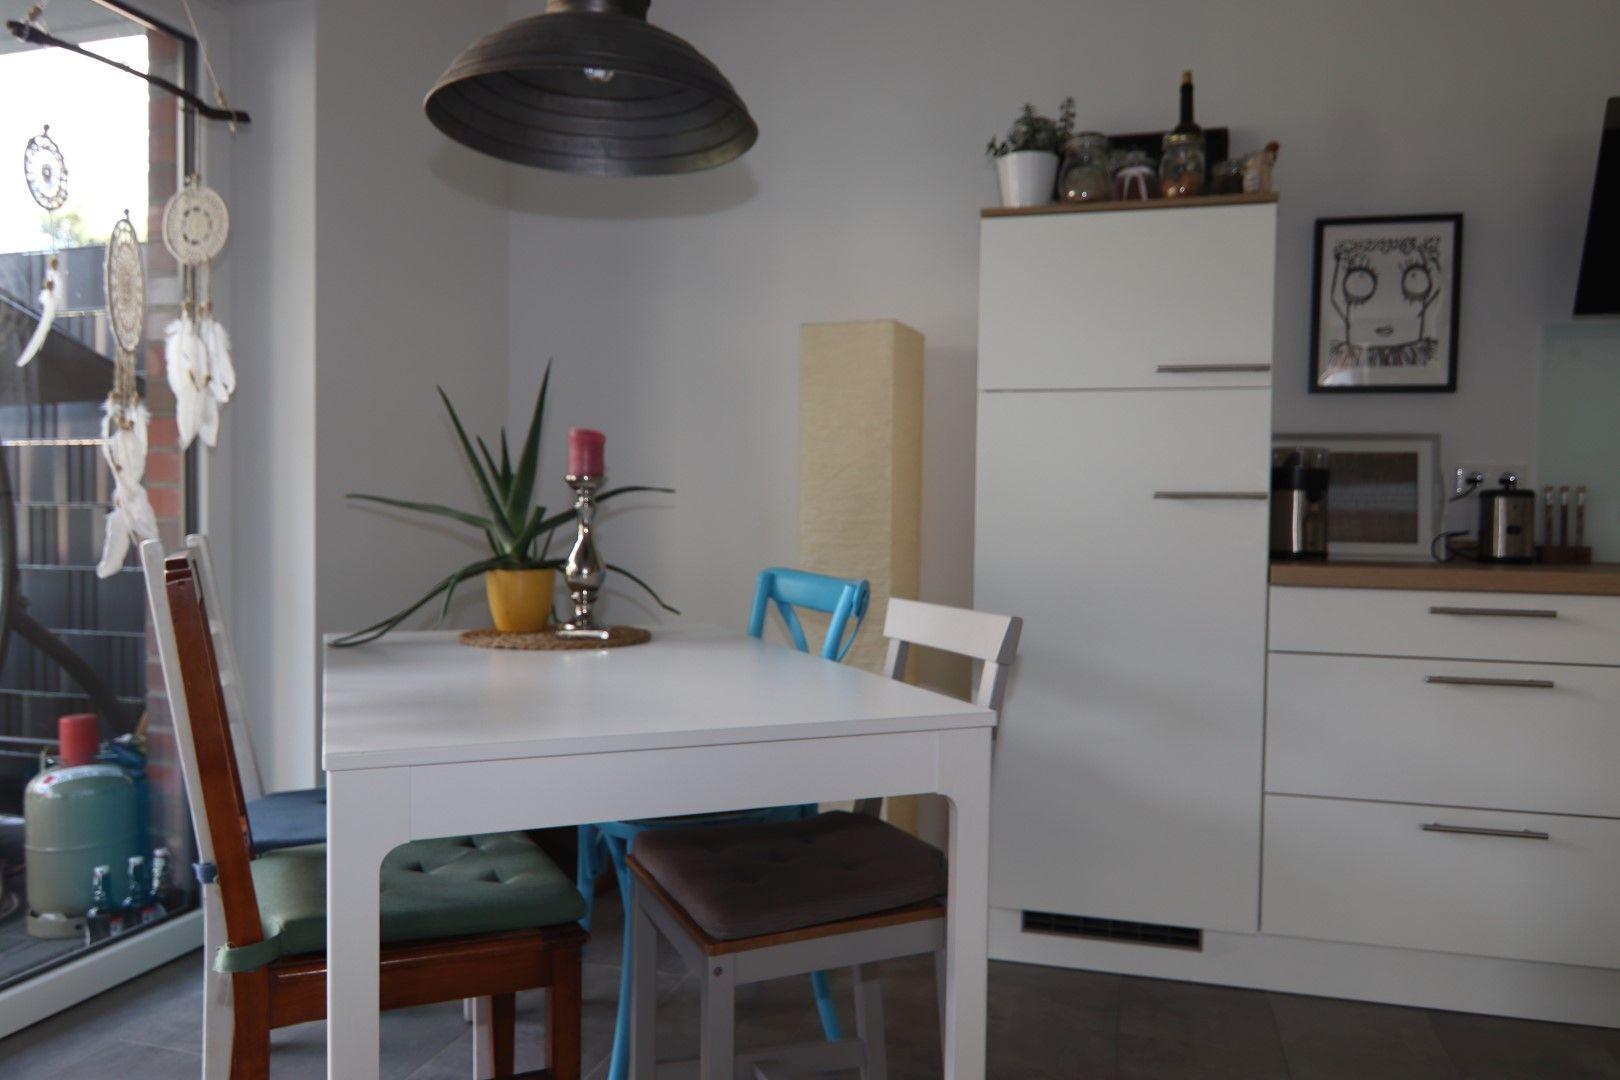 Immobilie Nr.0266 - 2-Raum-Erdgeschoss-Wohnung im Neubau mit hochwertiger Ausstattung - Bild 3.jpg